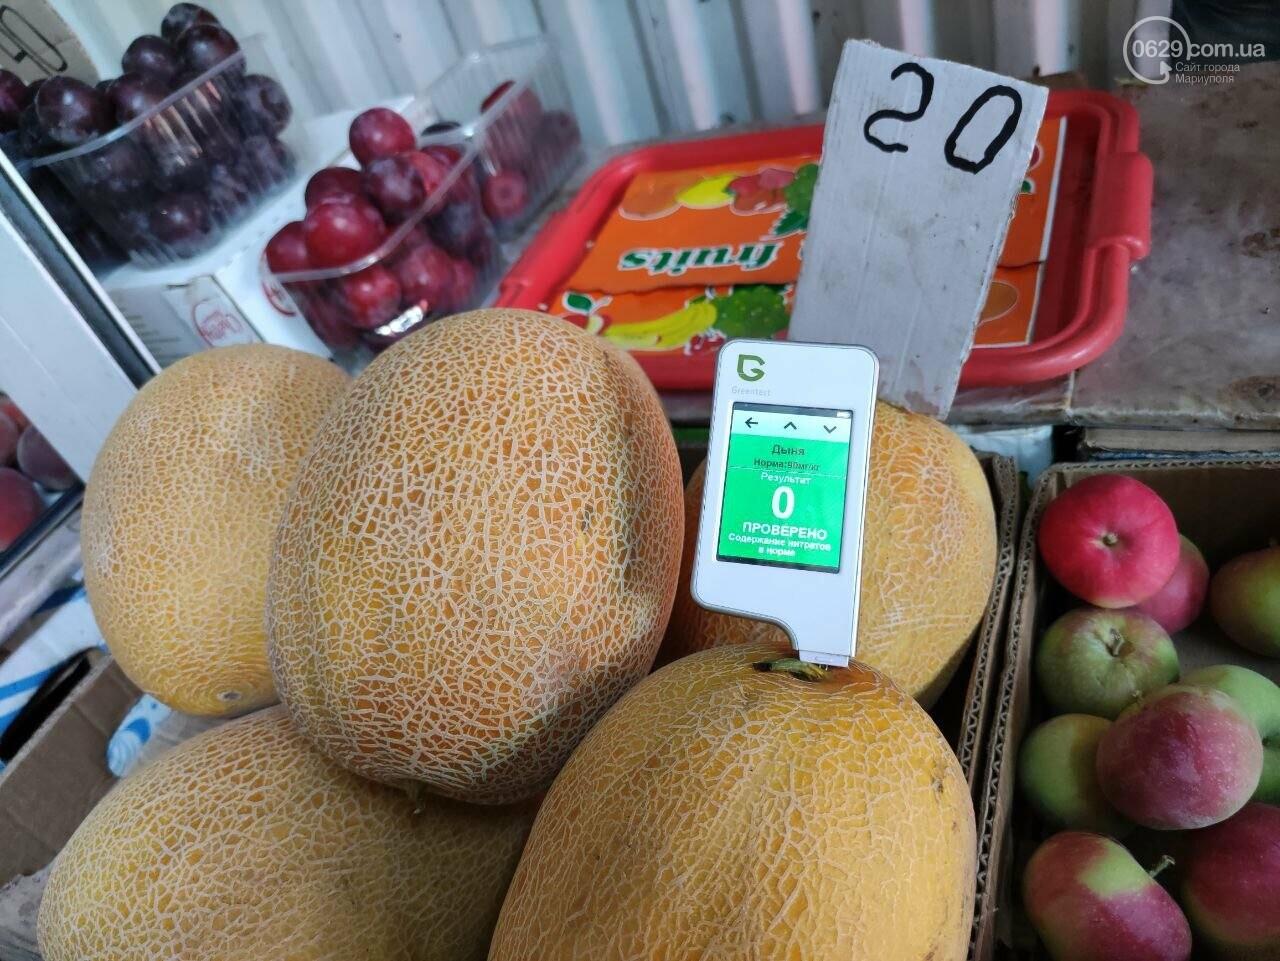 Проверка на нитраты в Мариуполе: опасные дыни в супермаркете и злые продавцы на рынке, - ФОТО, ВИДЕО, фото-20